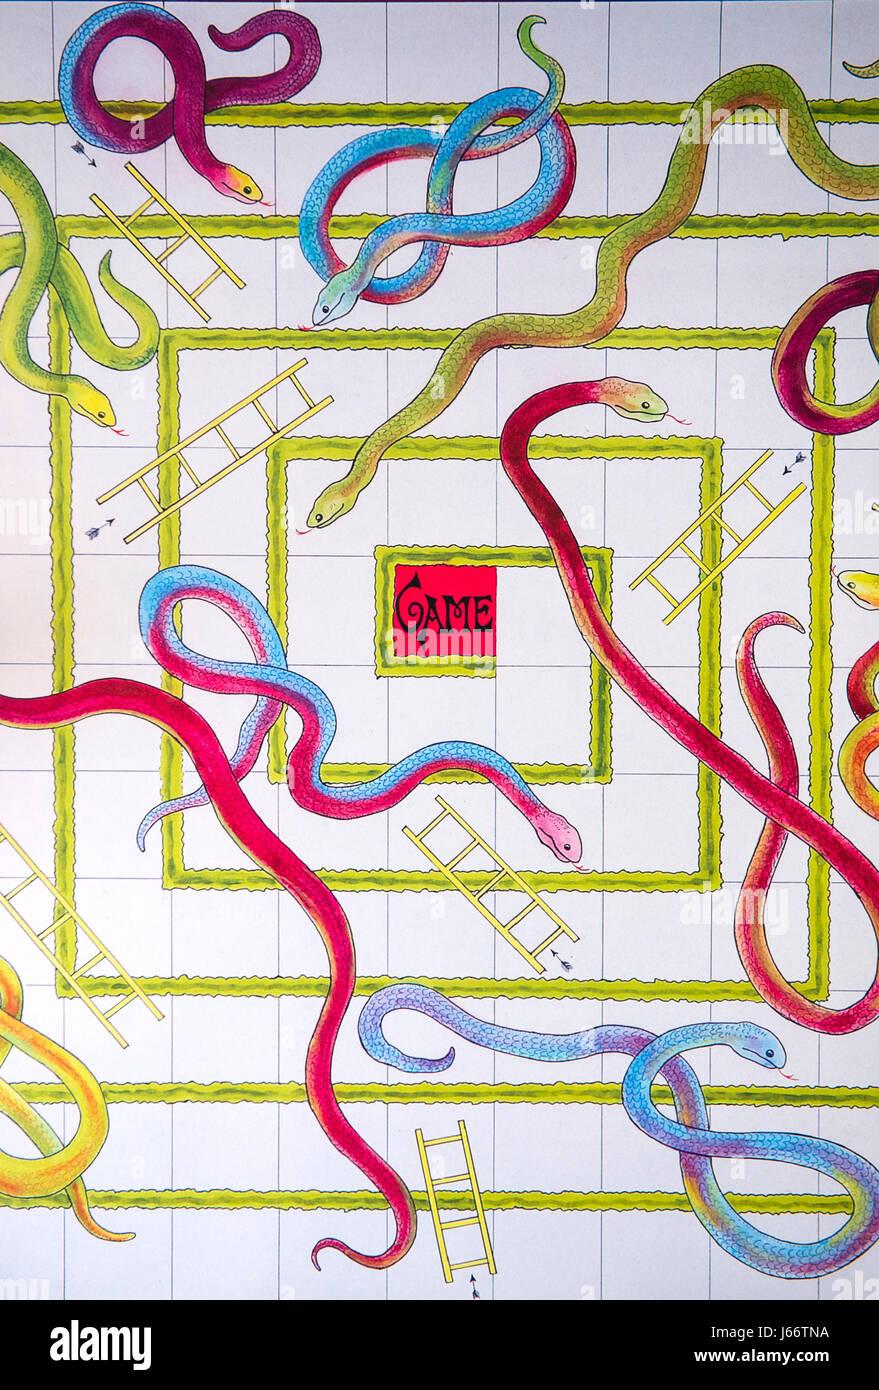 Detalle De Un Juego De Mesa De Serpientes Y Escaleras Foto Imagen